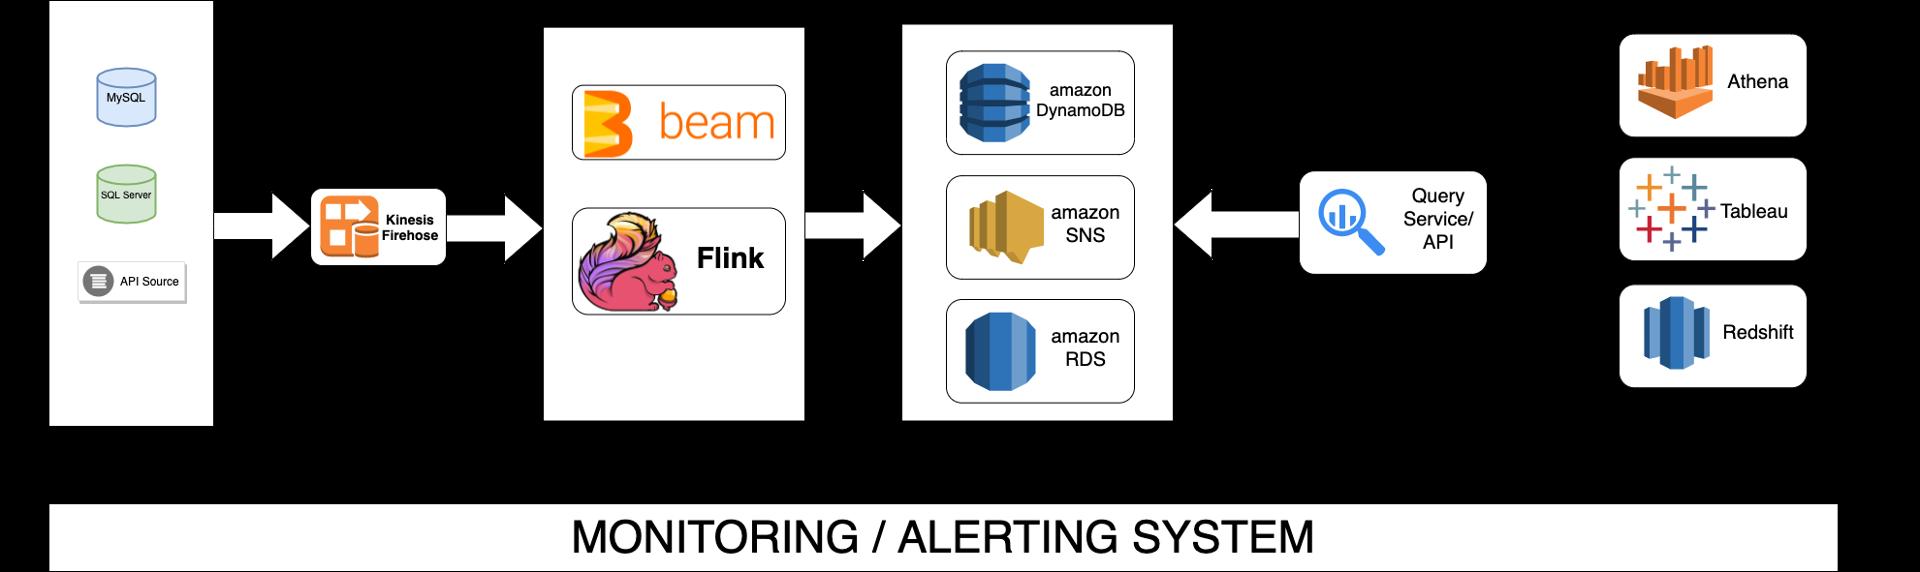 Data Platform Architecture, GoDaddy, Flink, Beam